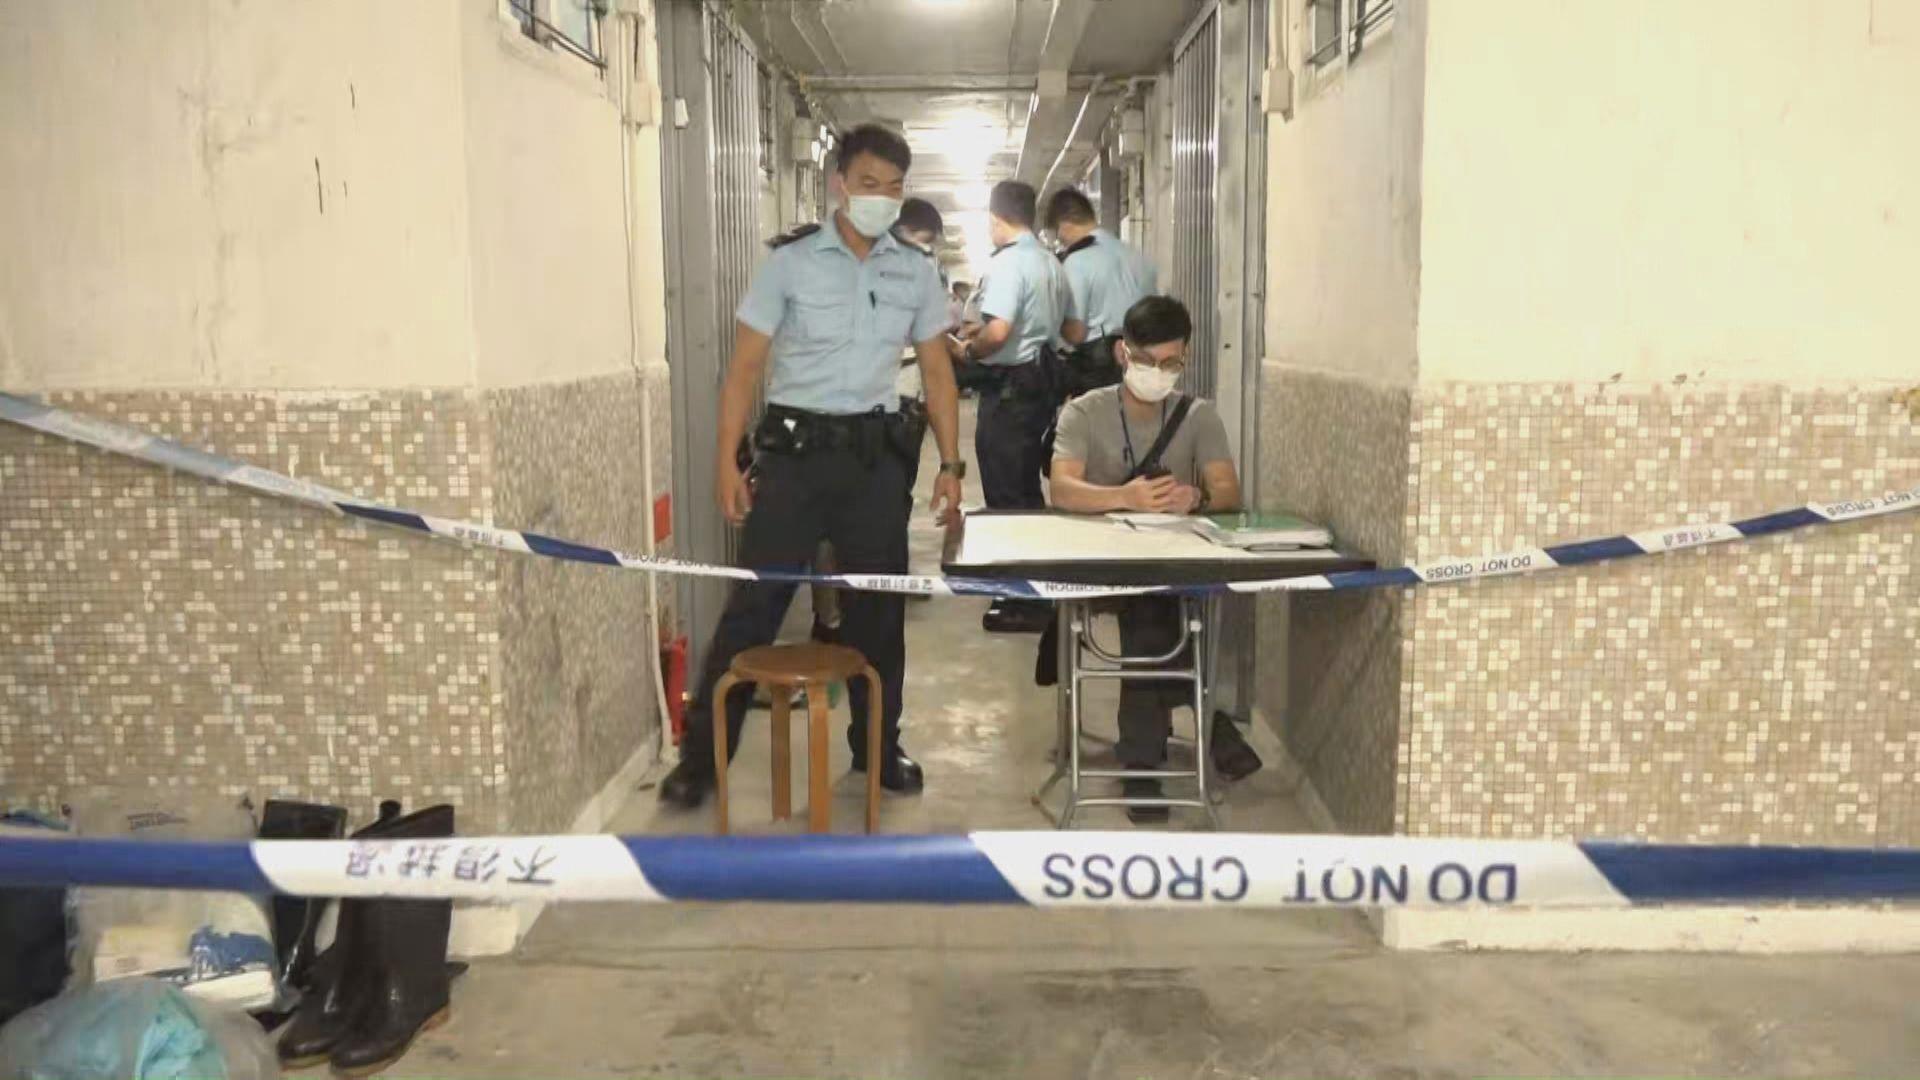 順利邨老婦倒斃單位內 警方初步認為案件有可疑